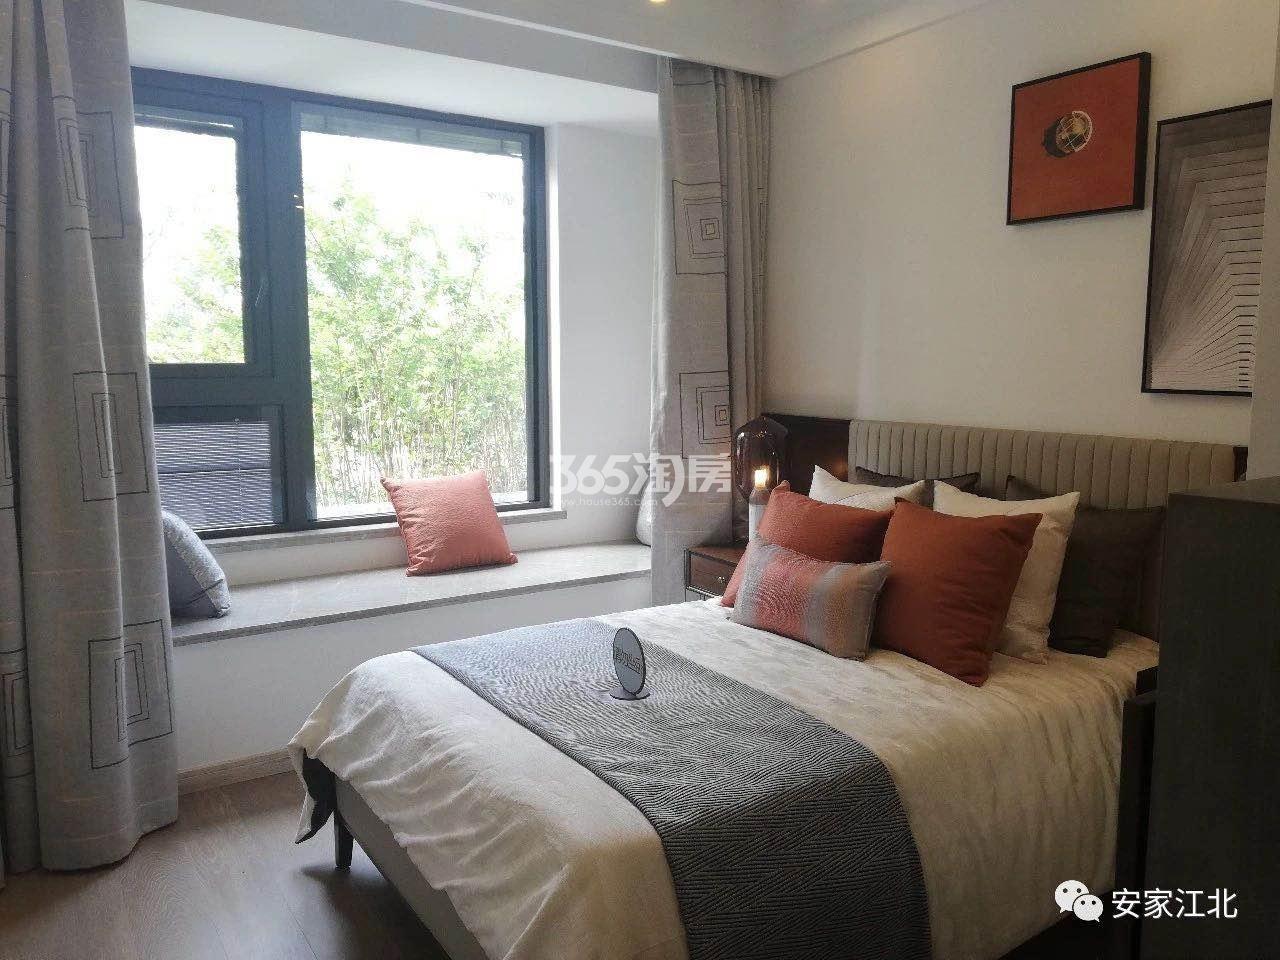 江山大境洋房119㎡样板间-卧室